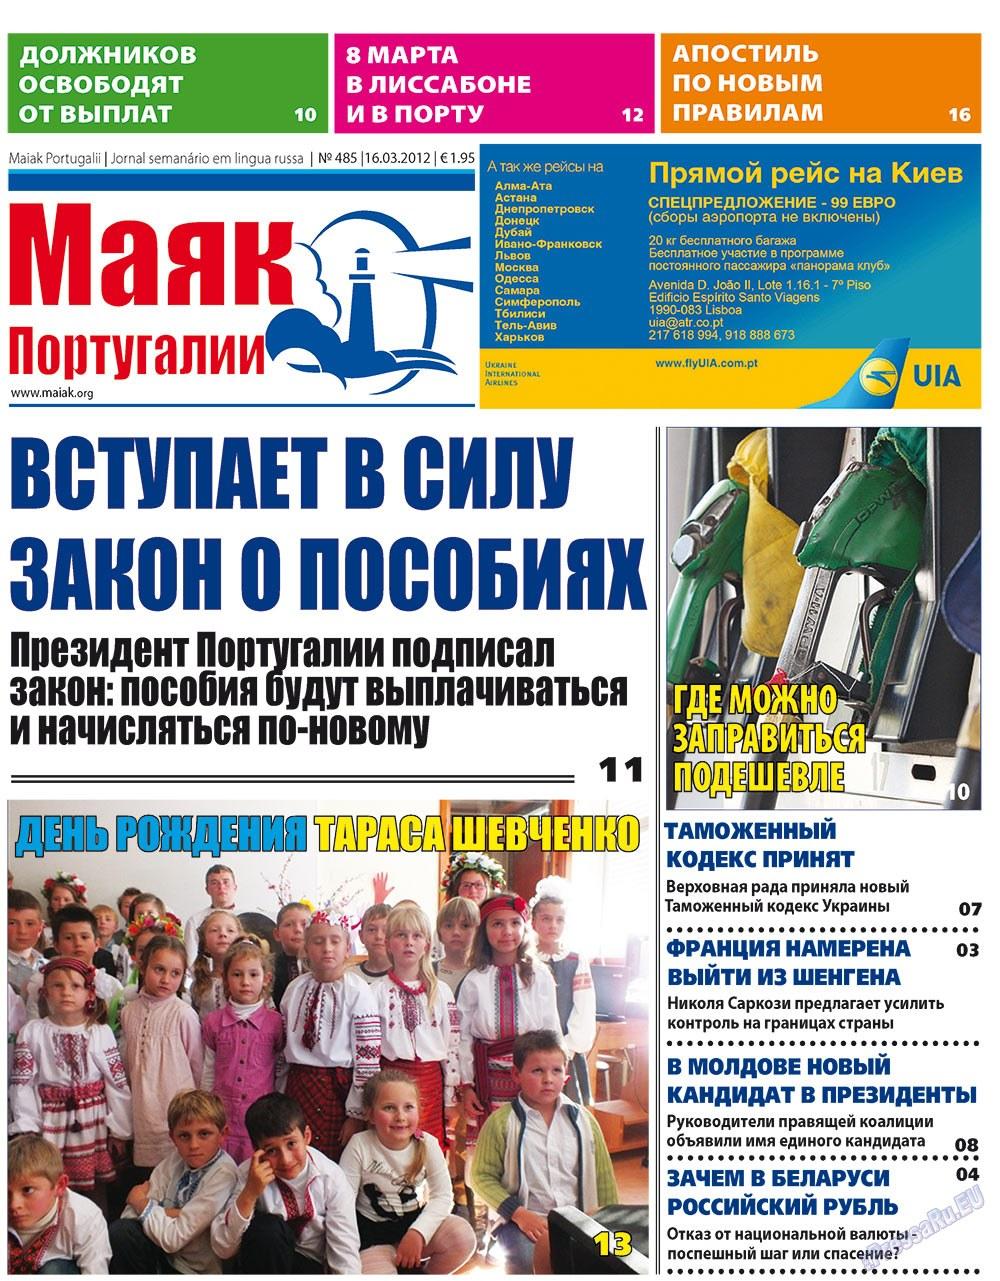 Маяк Португалии (газета). 2012 год, номер 485, стр. 1